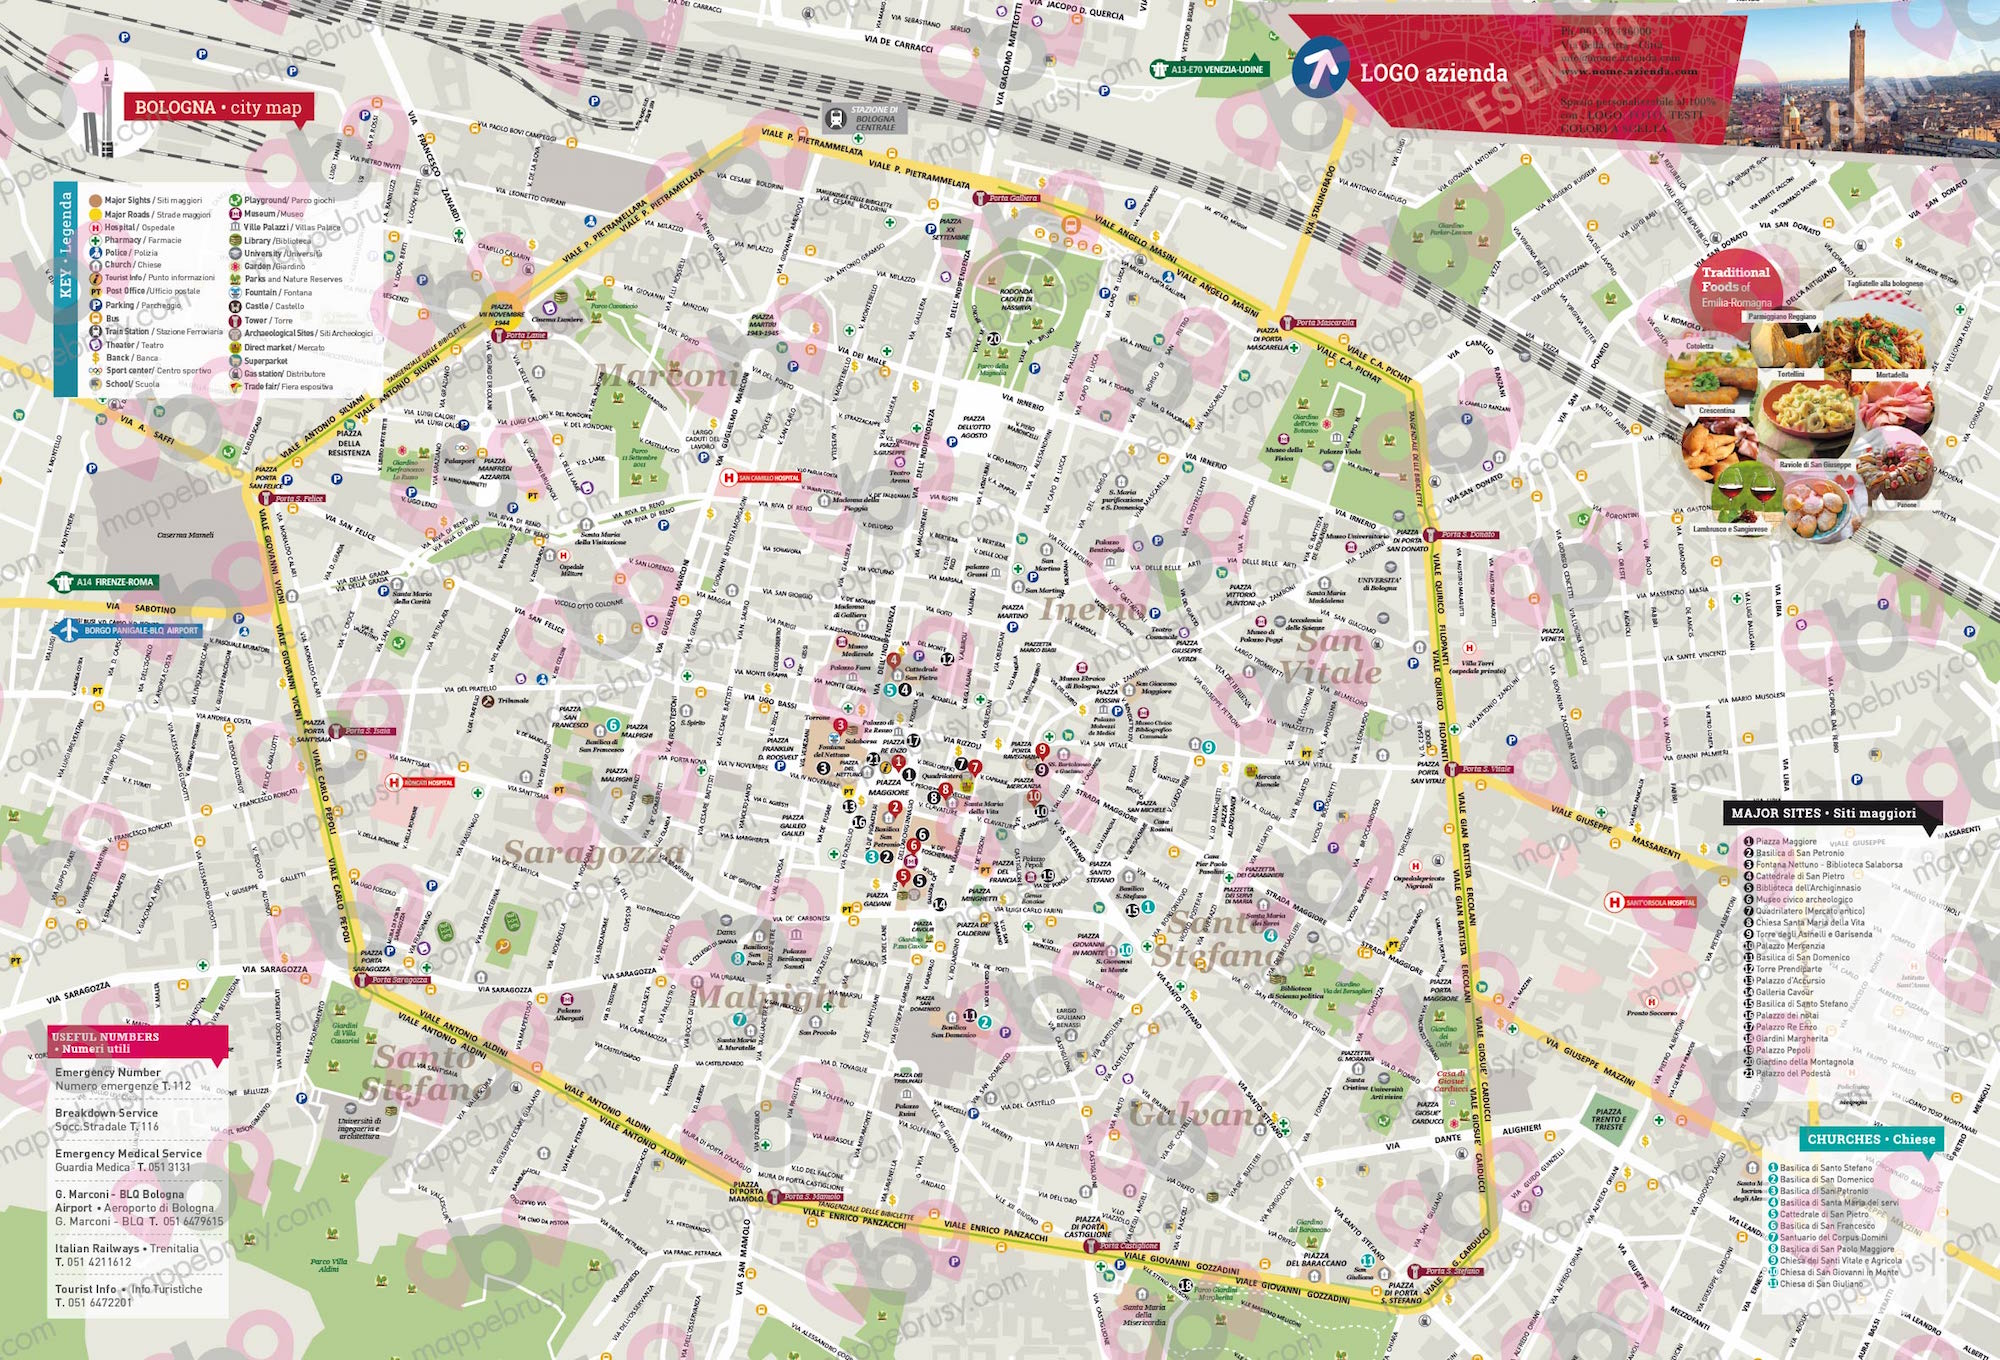 Mappa personalizzata di Bologna